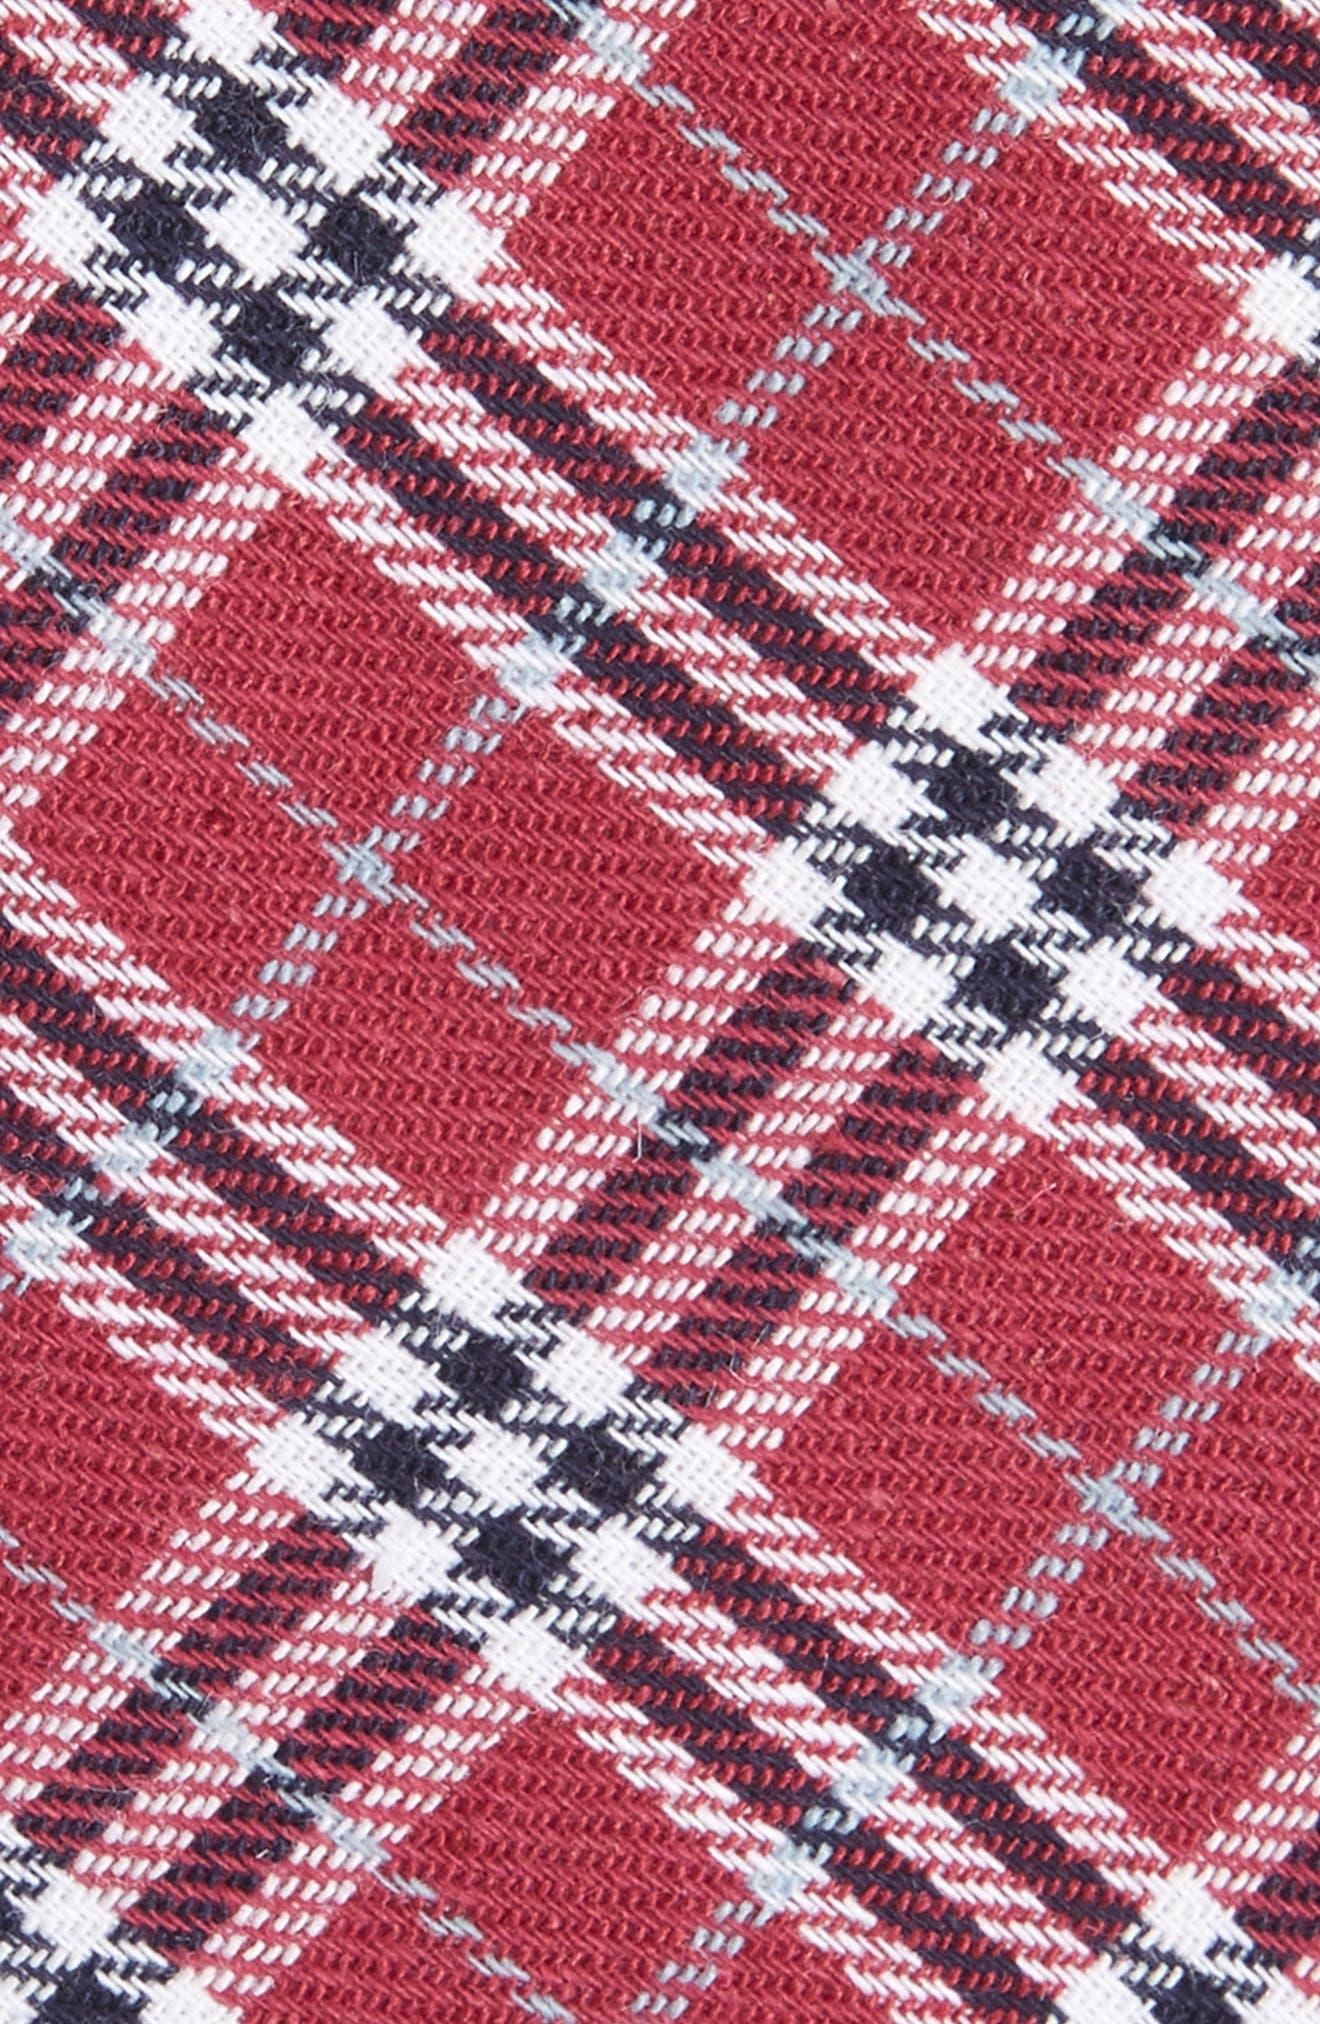 Siegel Plaid Cotton & Linen Skinny Tie,                             Alternate thumbnail 6, color,